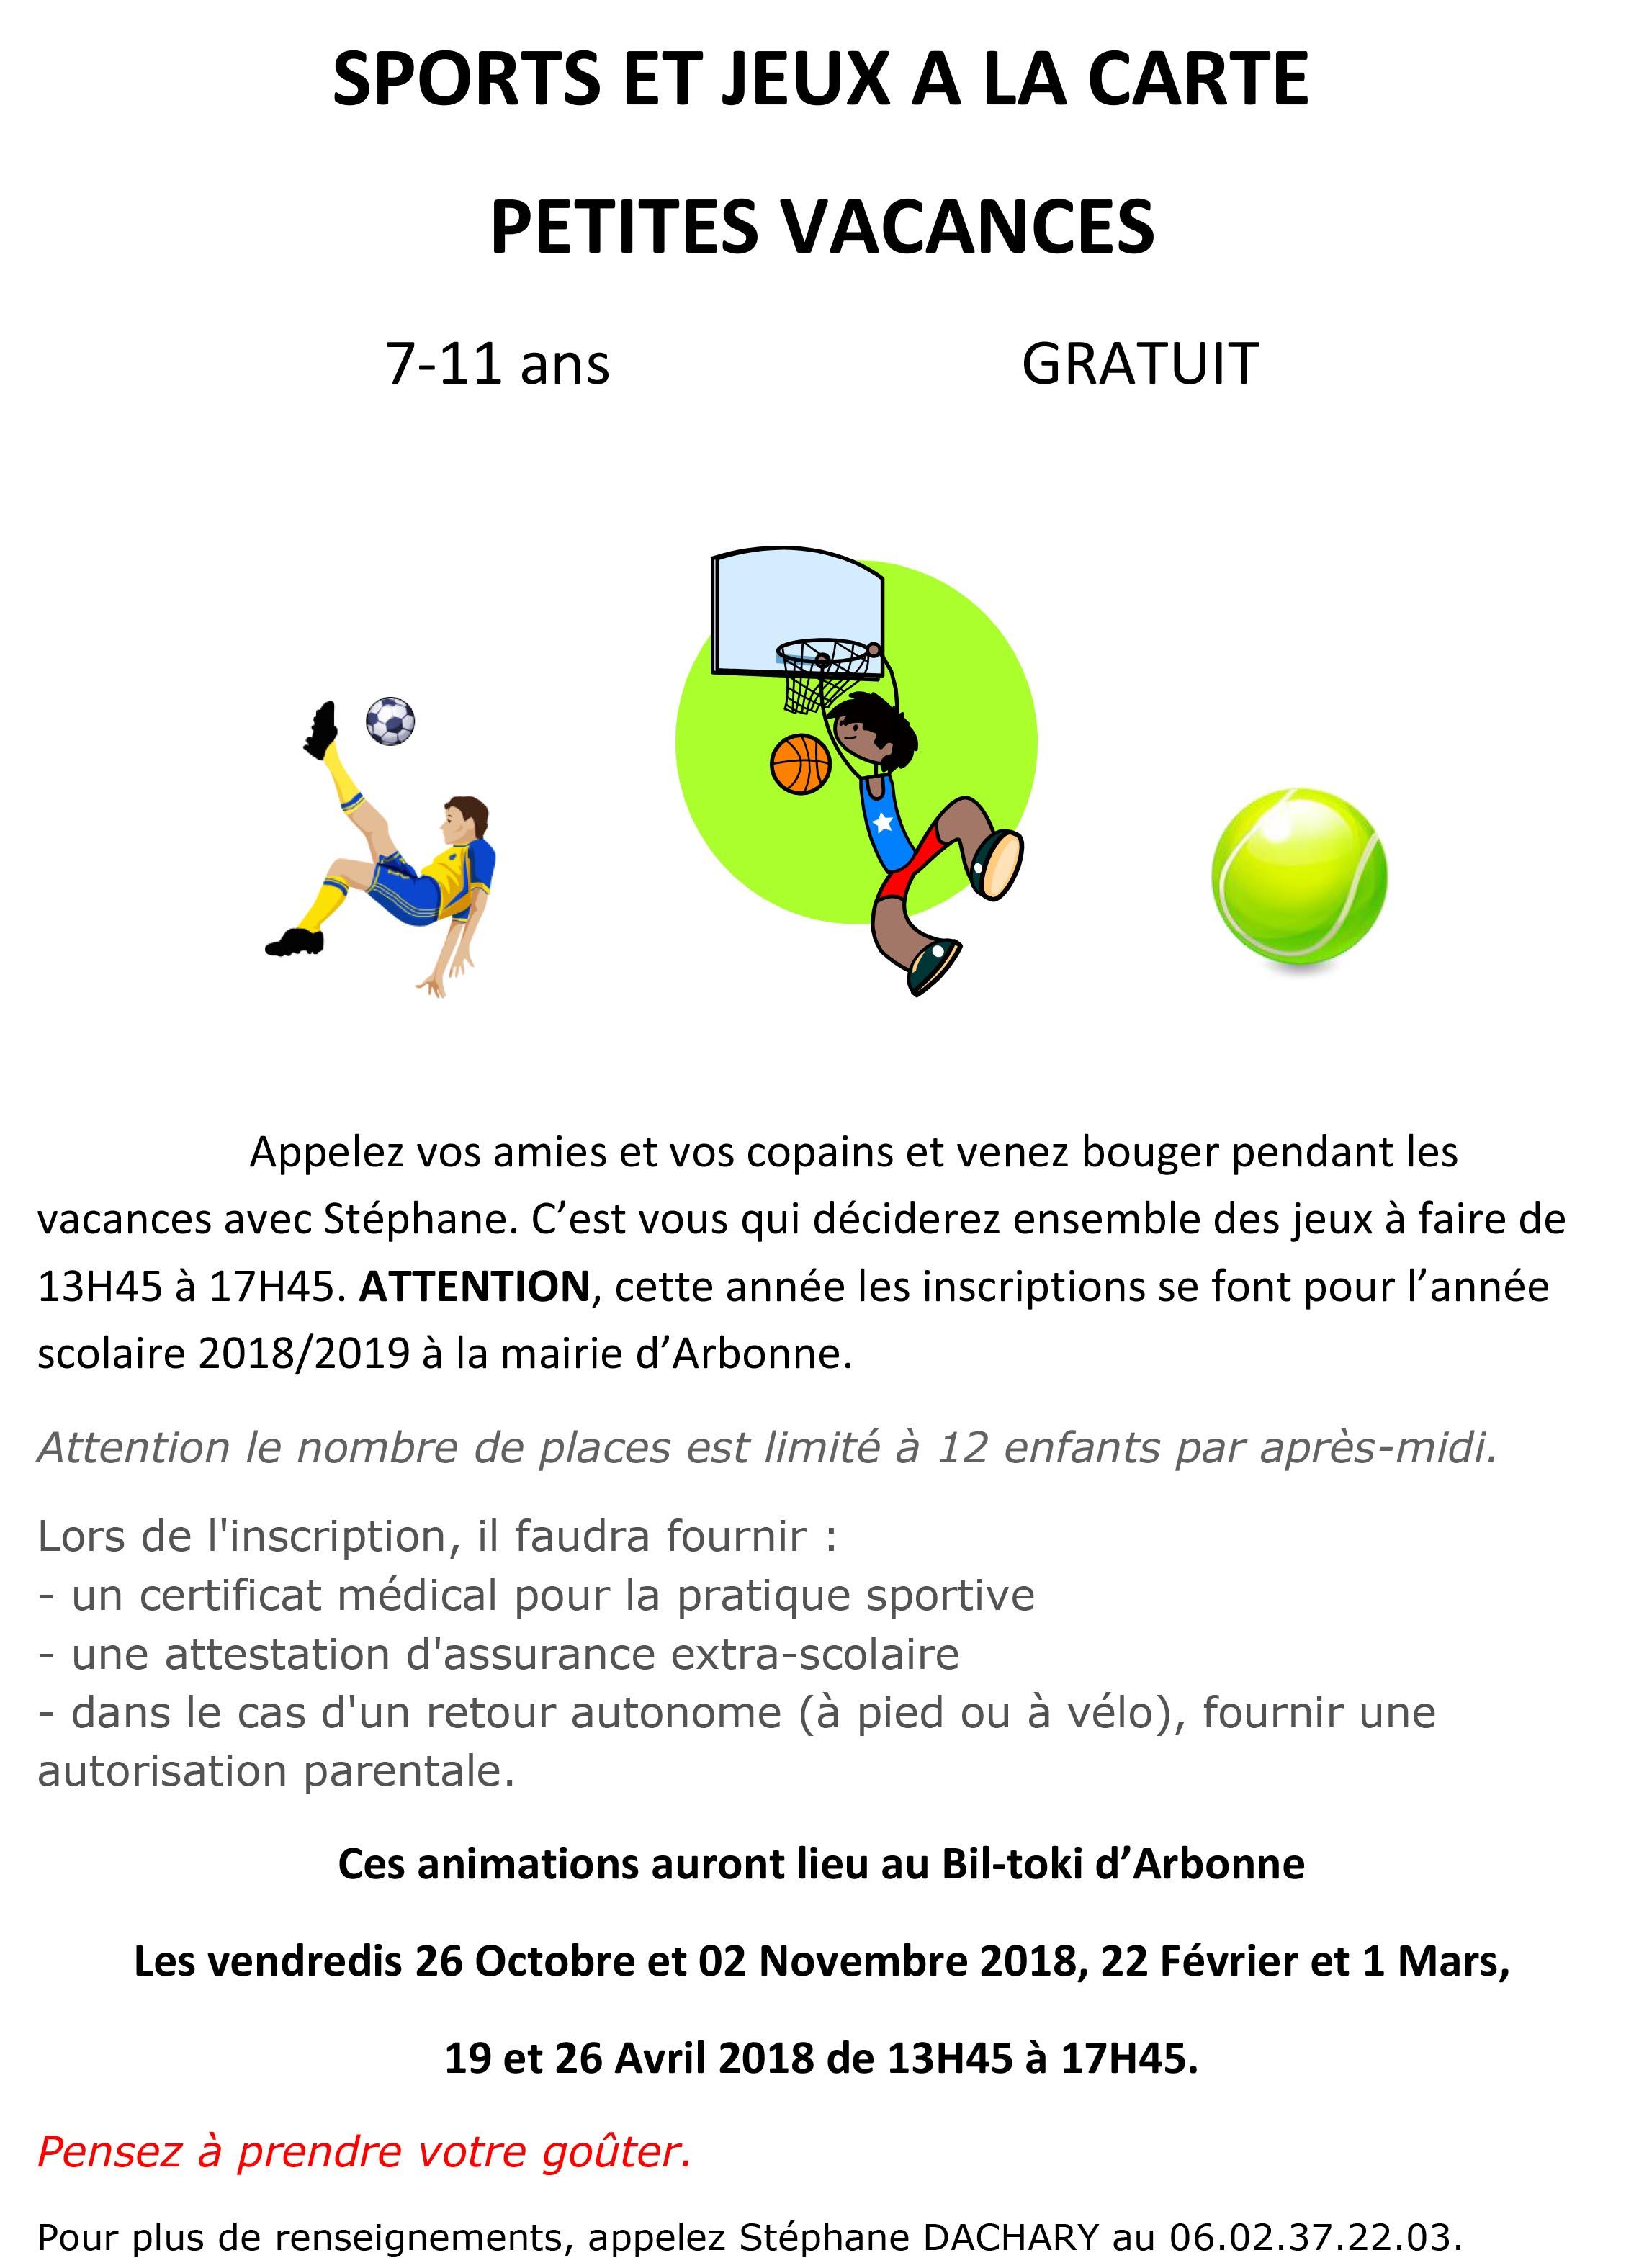 Activités Des Petites Vacances Mairie Darbonne